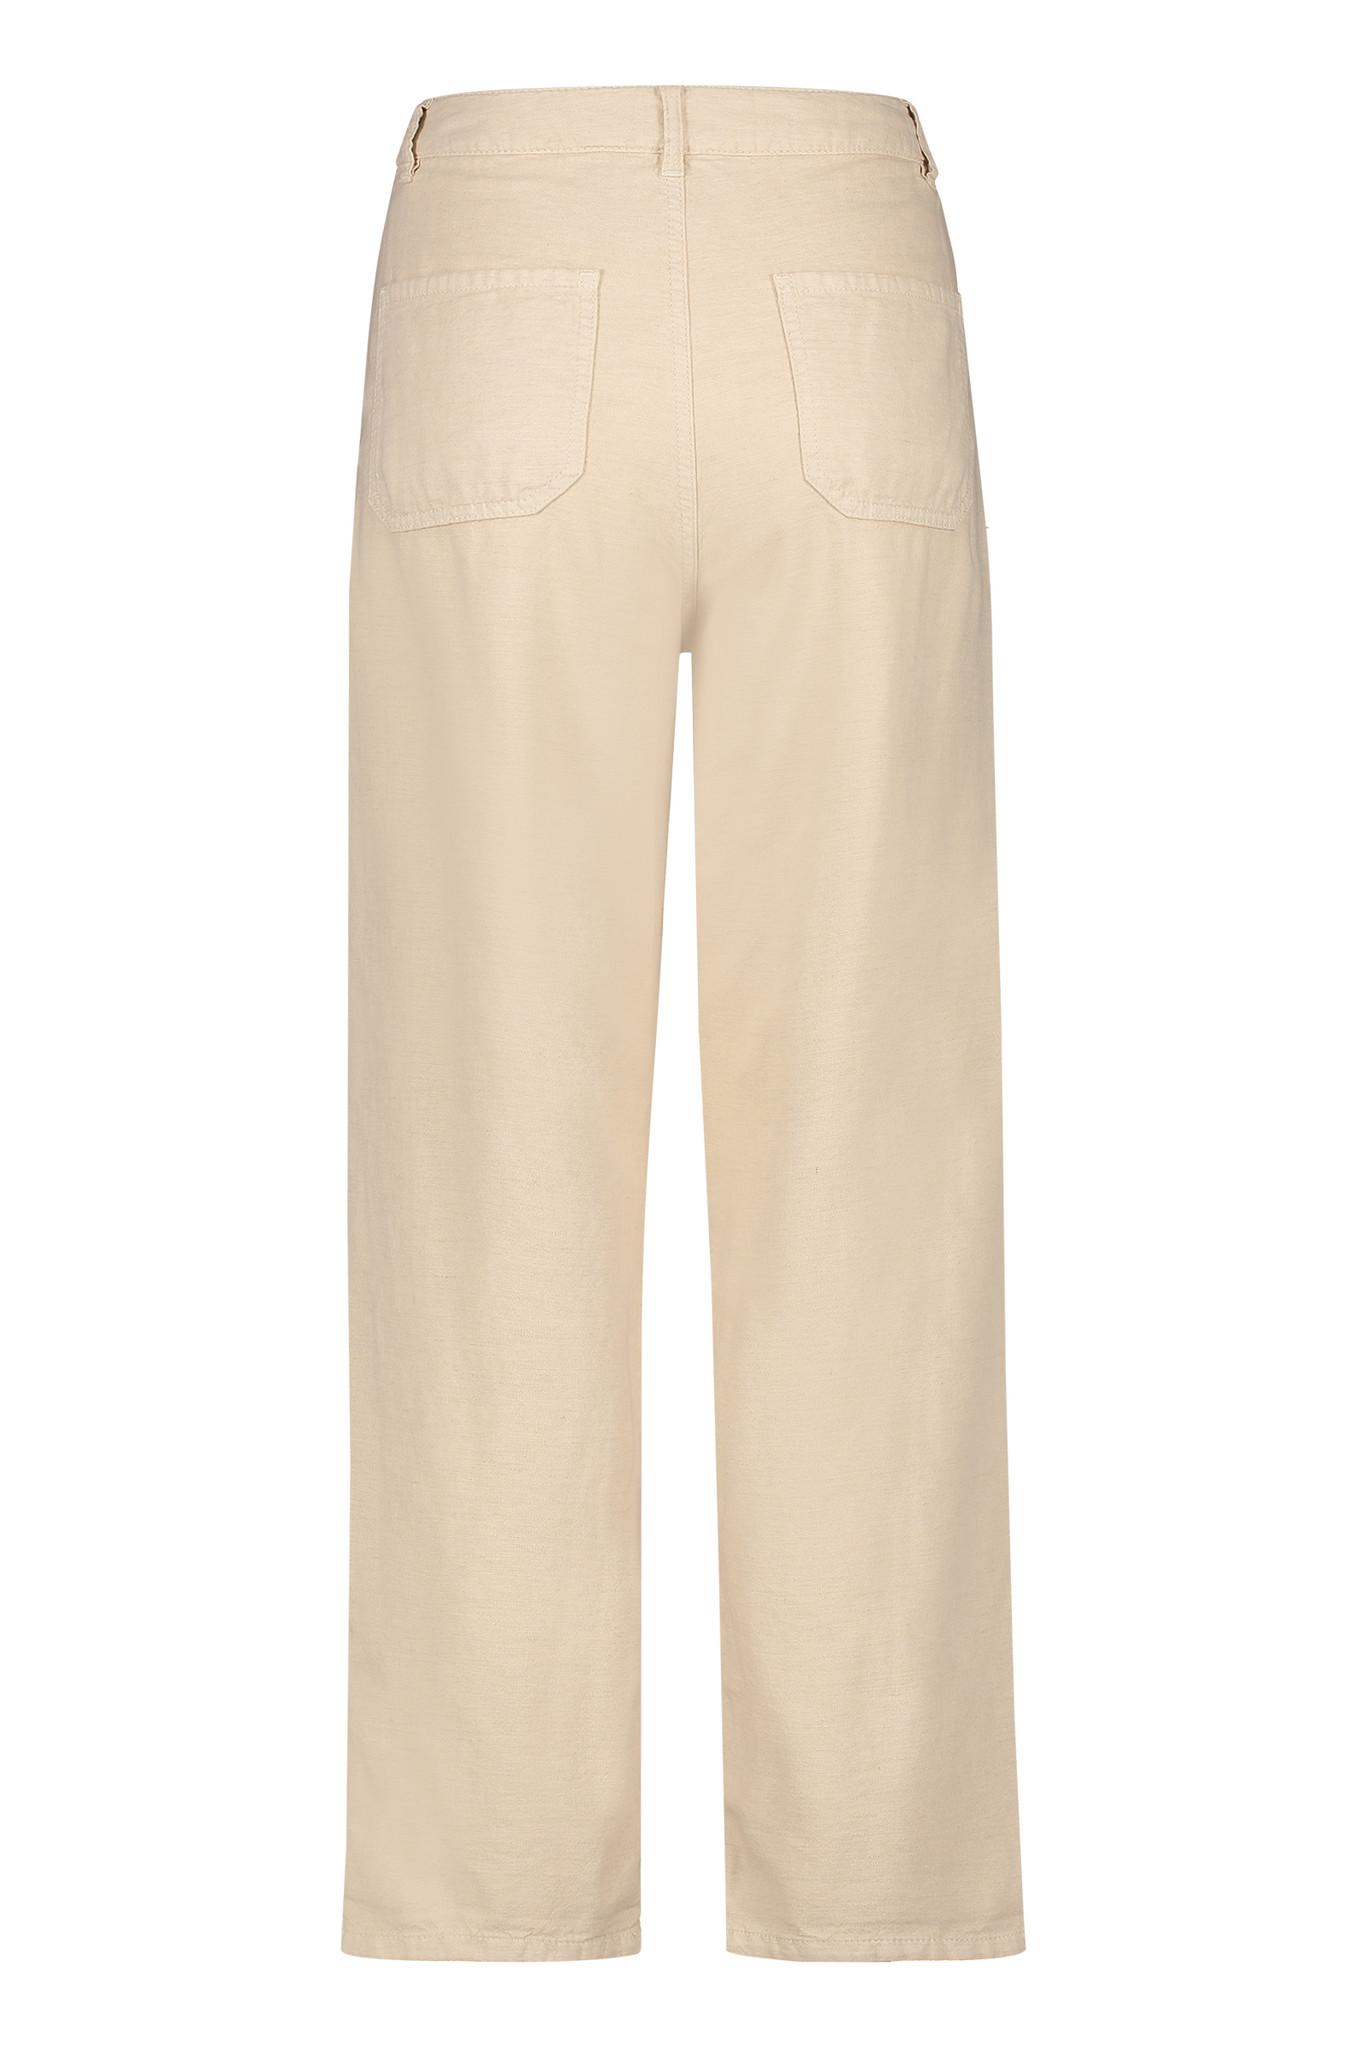 Penn & Ink Trouser S21W323-2